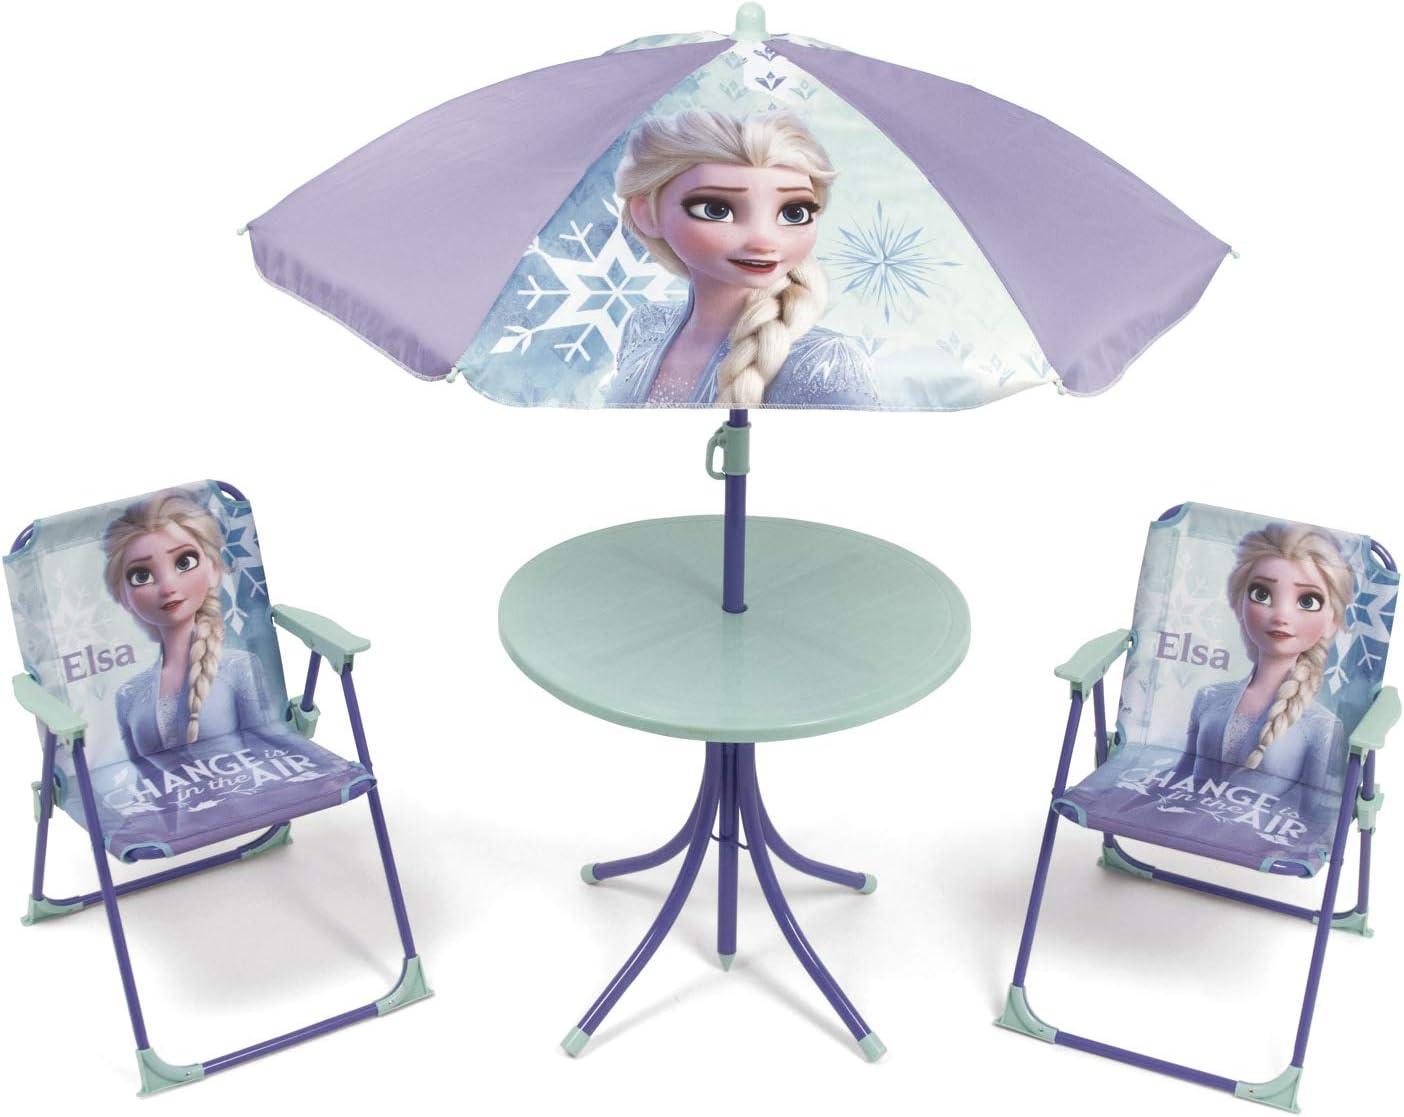 ARDITEX WD12996 Set de Mesa (50x50x48cm), 2 Sillas (38x32x53cm) y Sombrilla (diámetro 110cm) de Disney-Frozen II